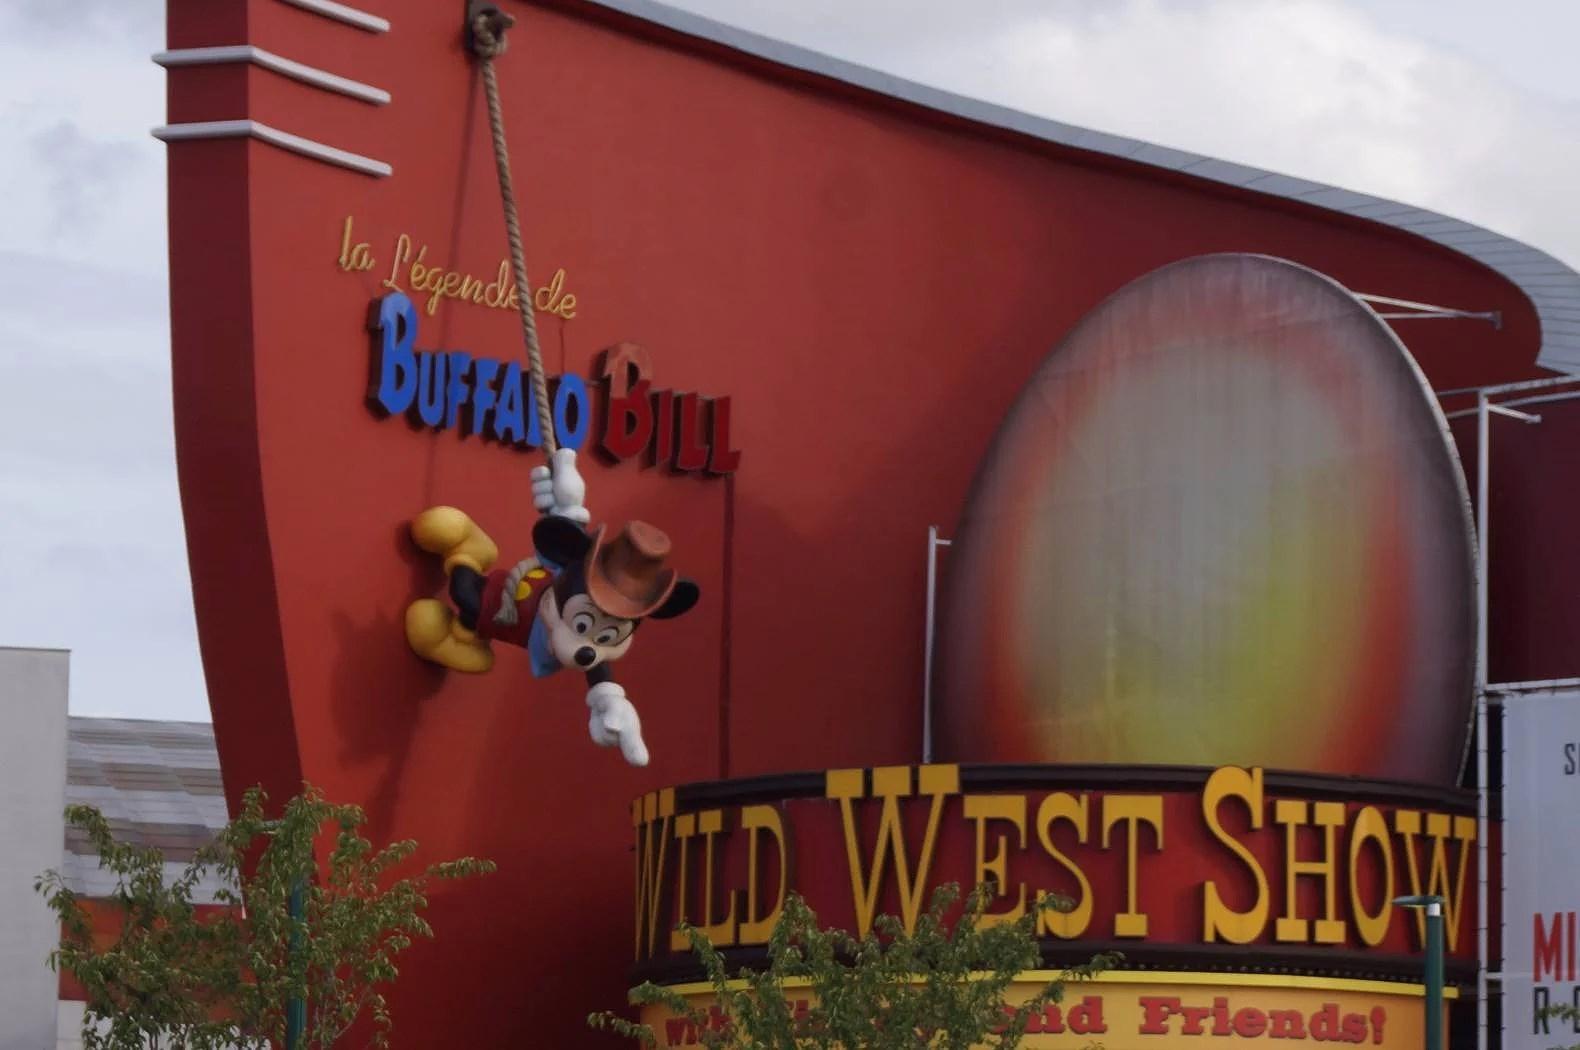 Meny för middagsshow på Disneyland Paris - Disney Village (EuroDisney)